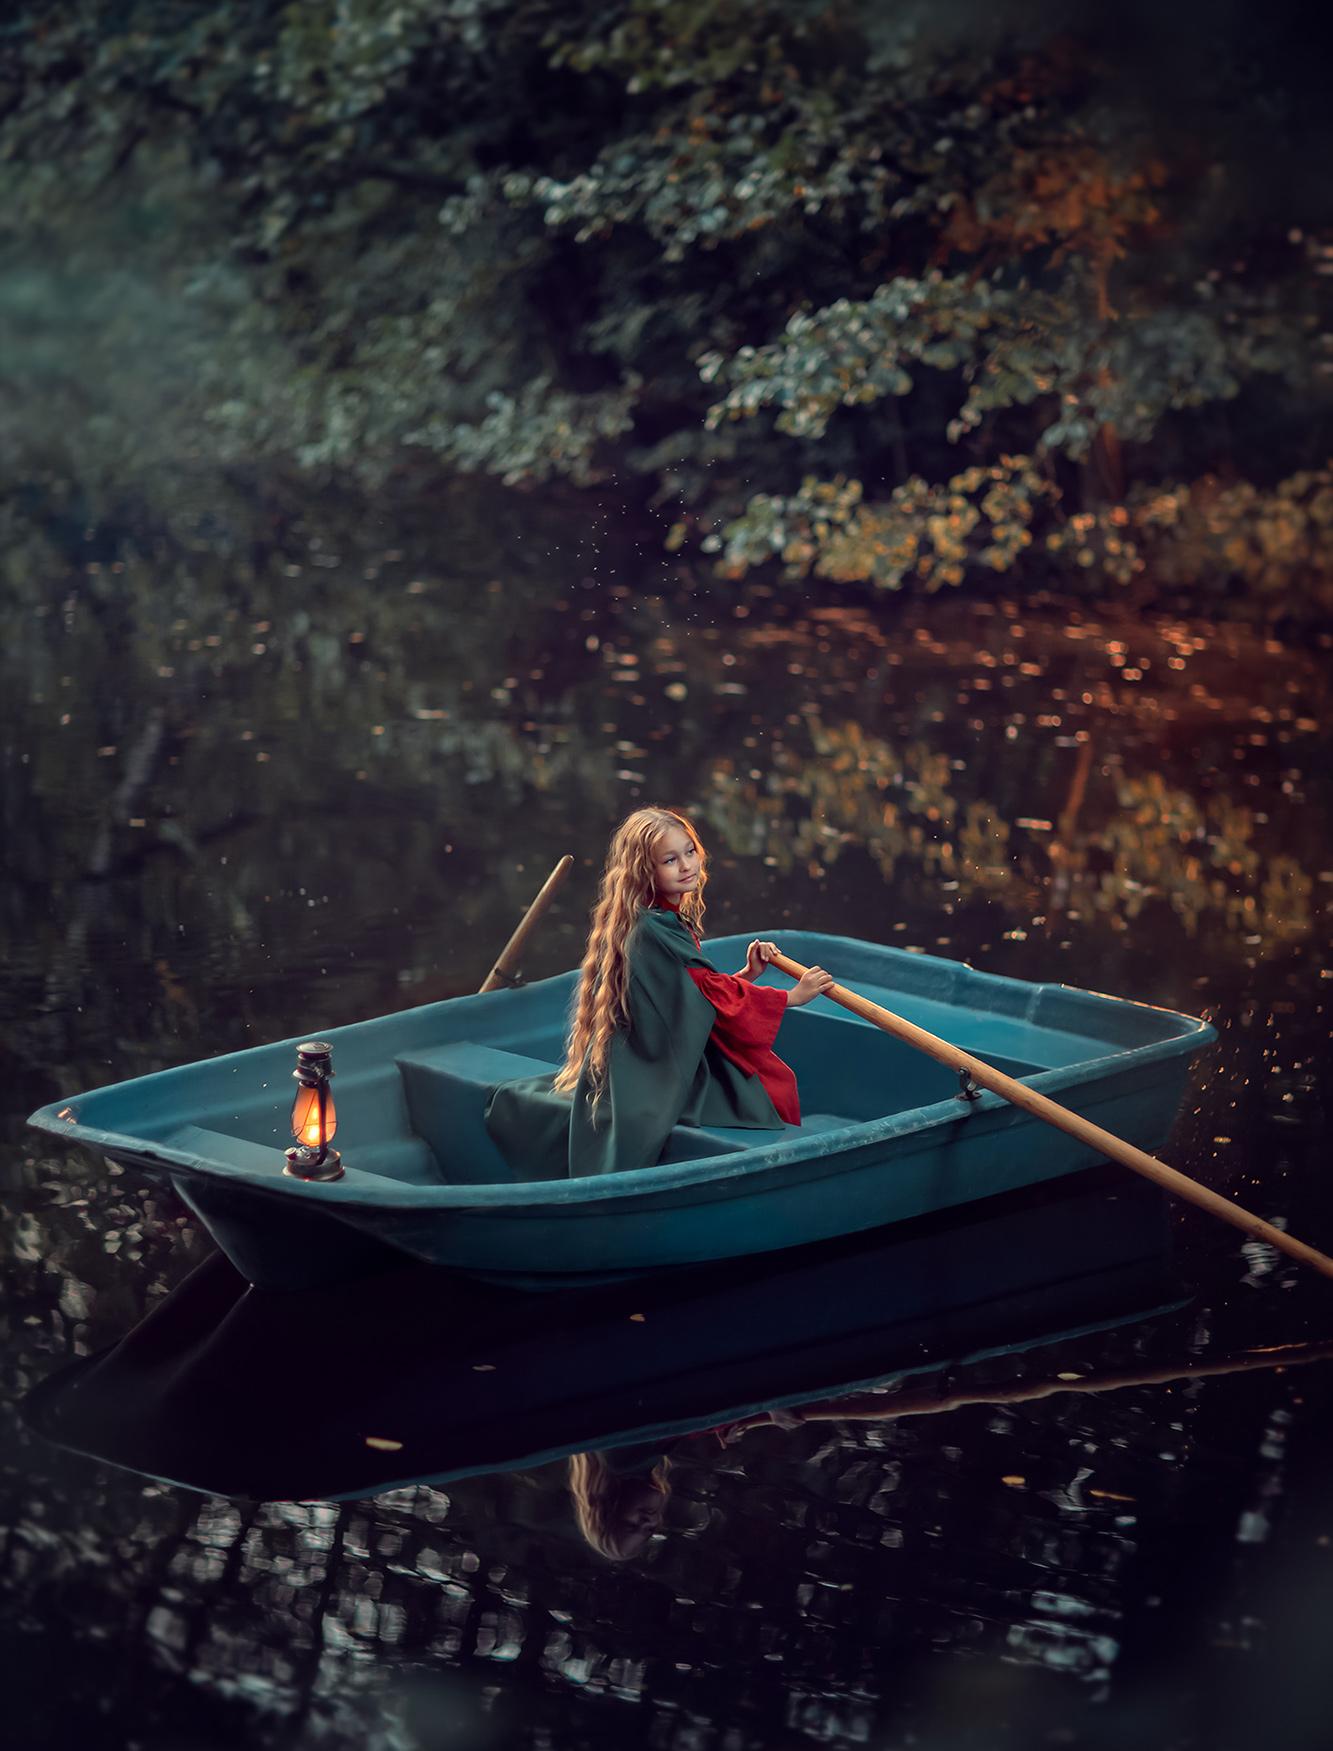 Фотосессия для девочки на природе в лодке. Обучение фотографии. before and after. photography masterclass